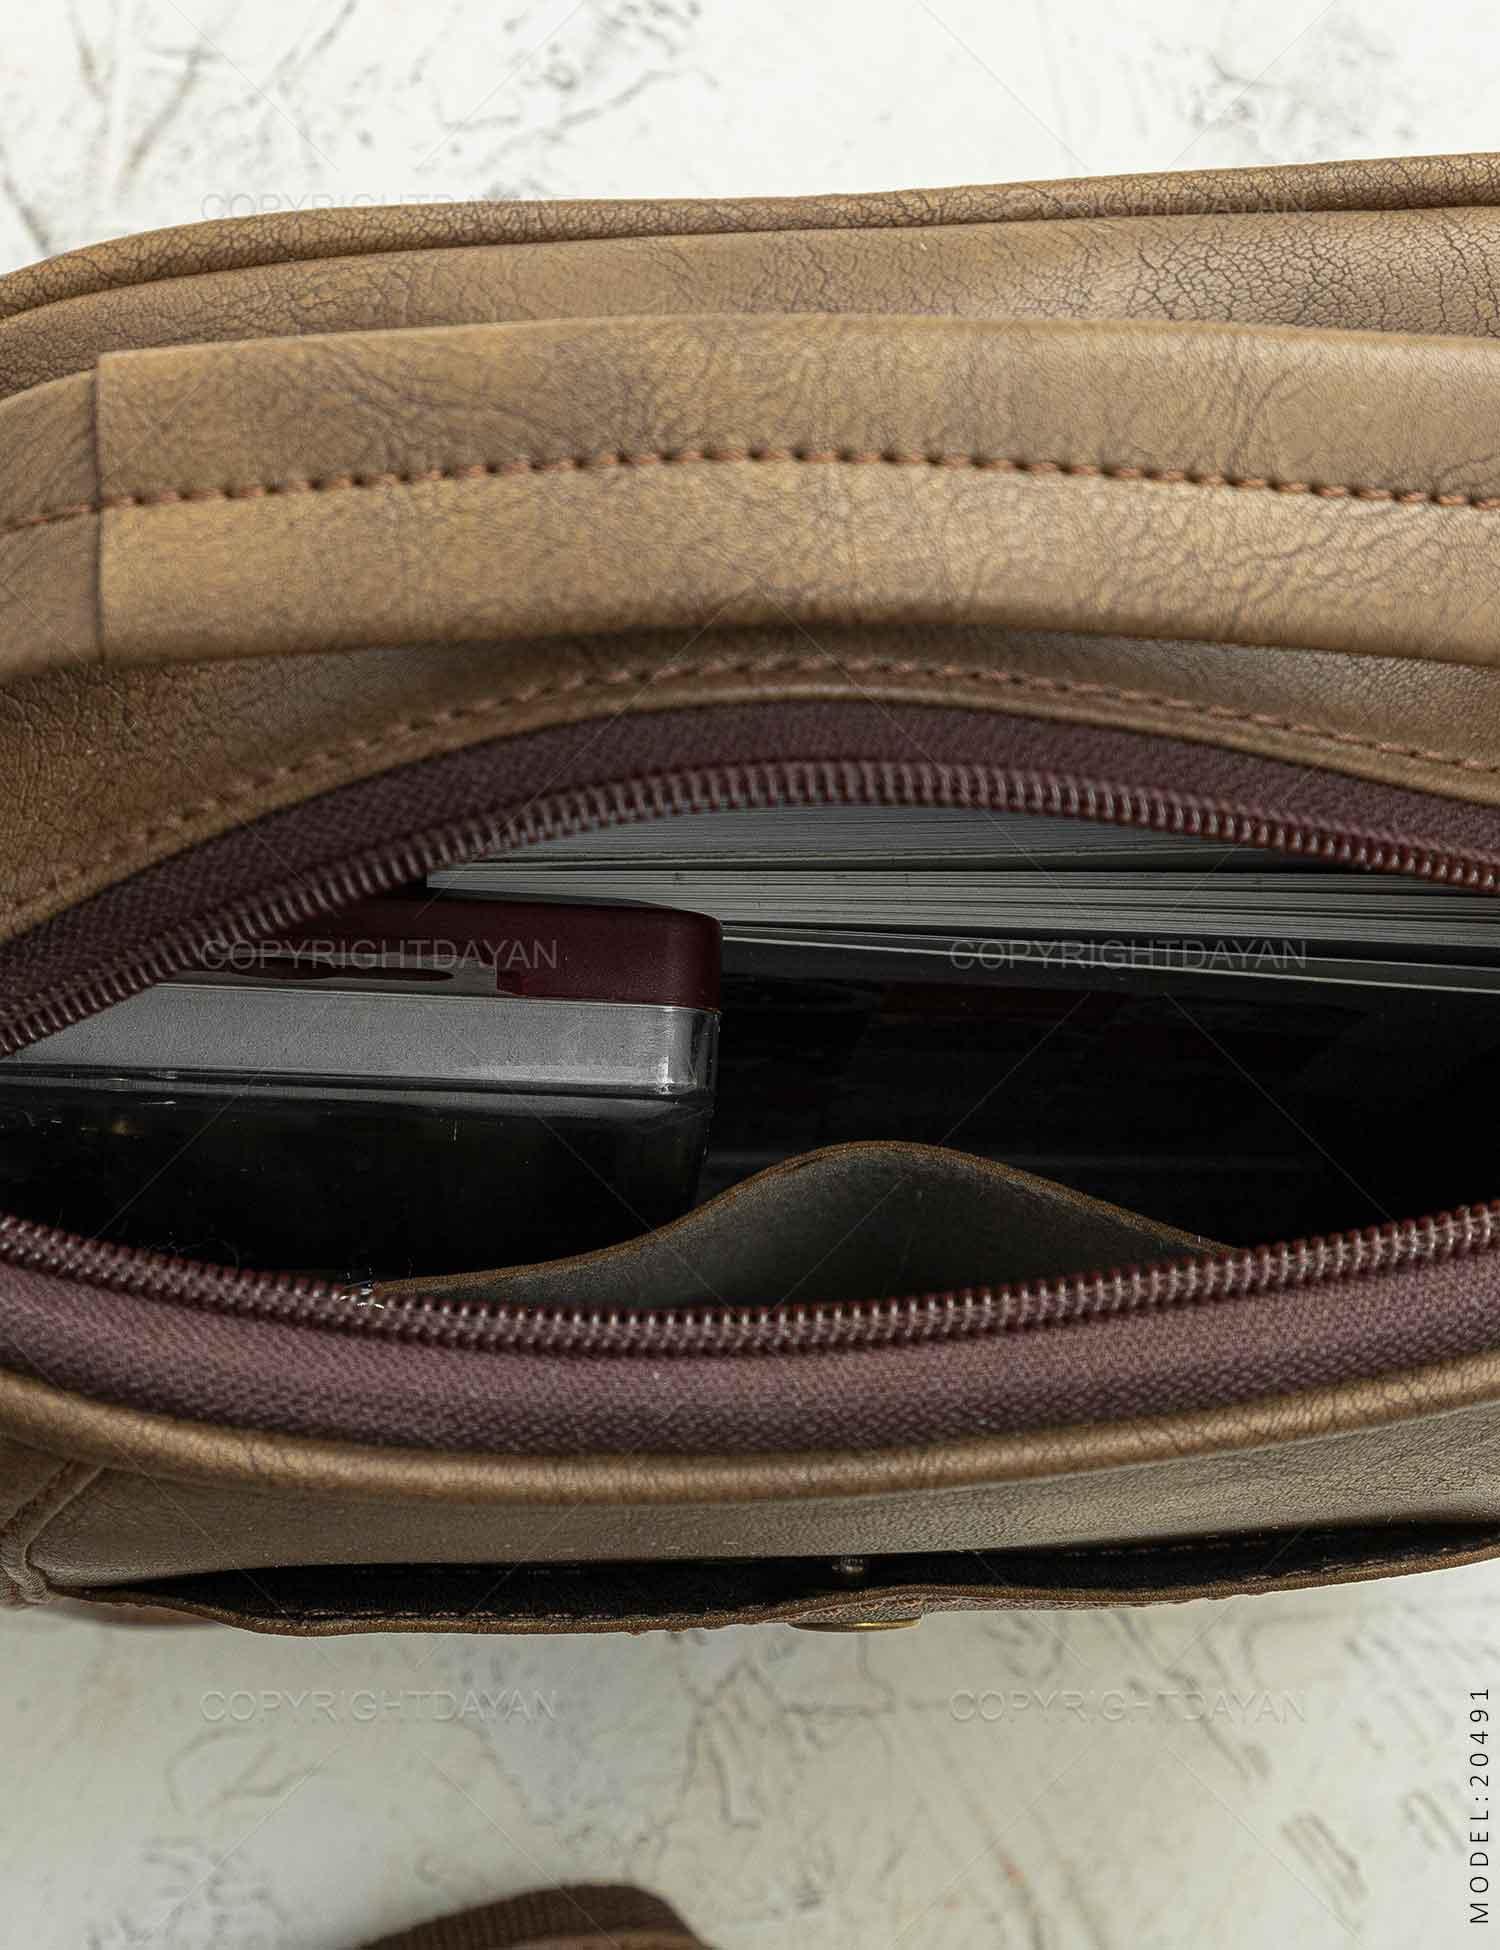 ست کیف دوشی و کیف پالتویی Cat مدل 20491 ست کیف دوشی و کیف پالتویی Cat مدل 20491 149,000 تومان